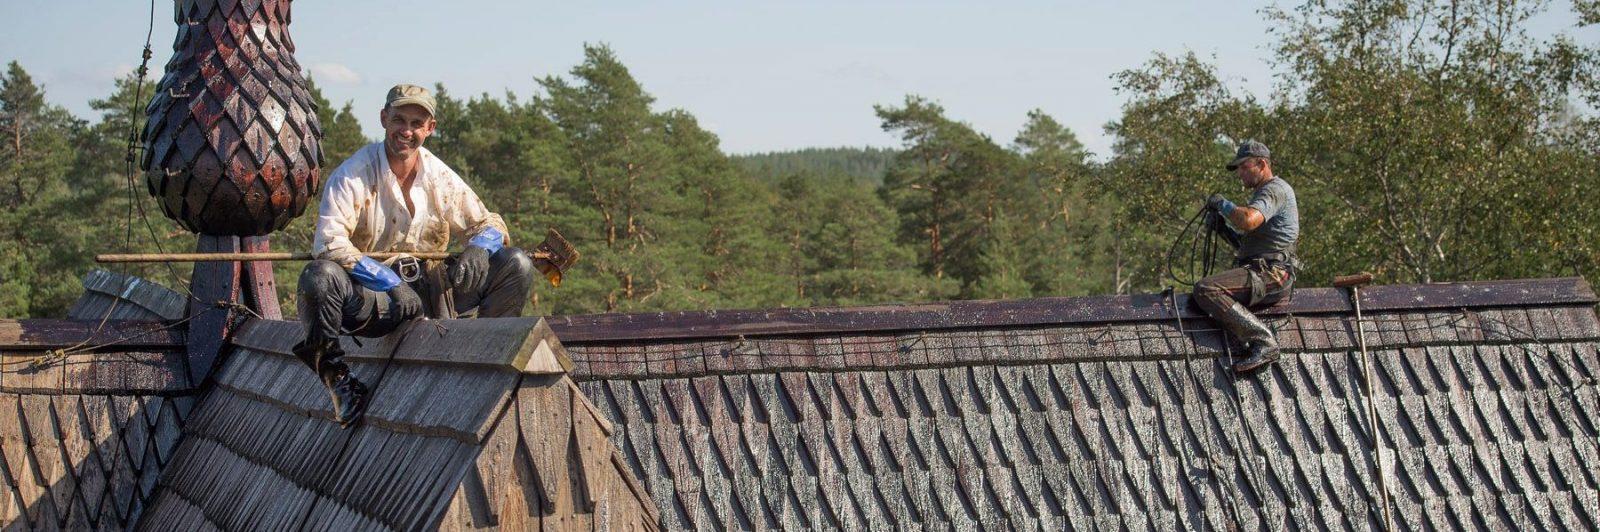 Tjärstrykning i Petäjävesi och Sastamala